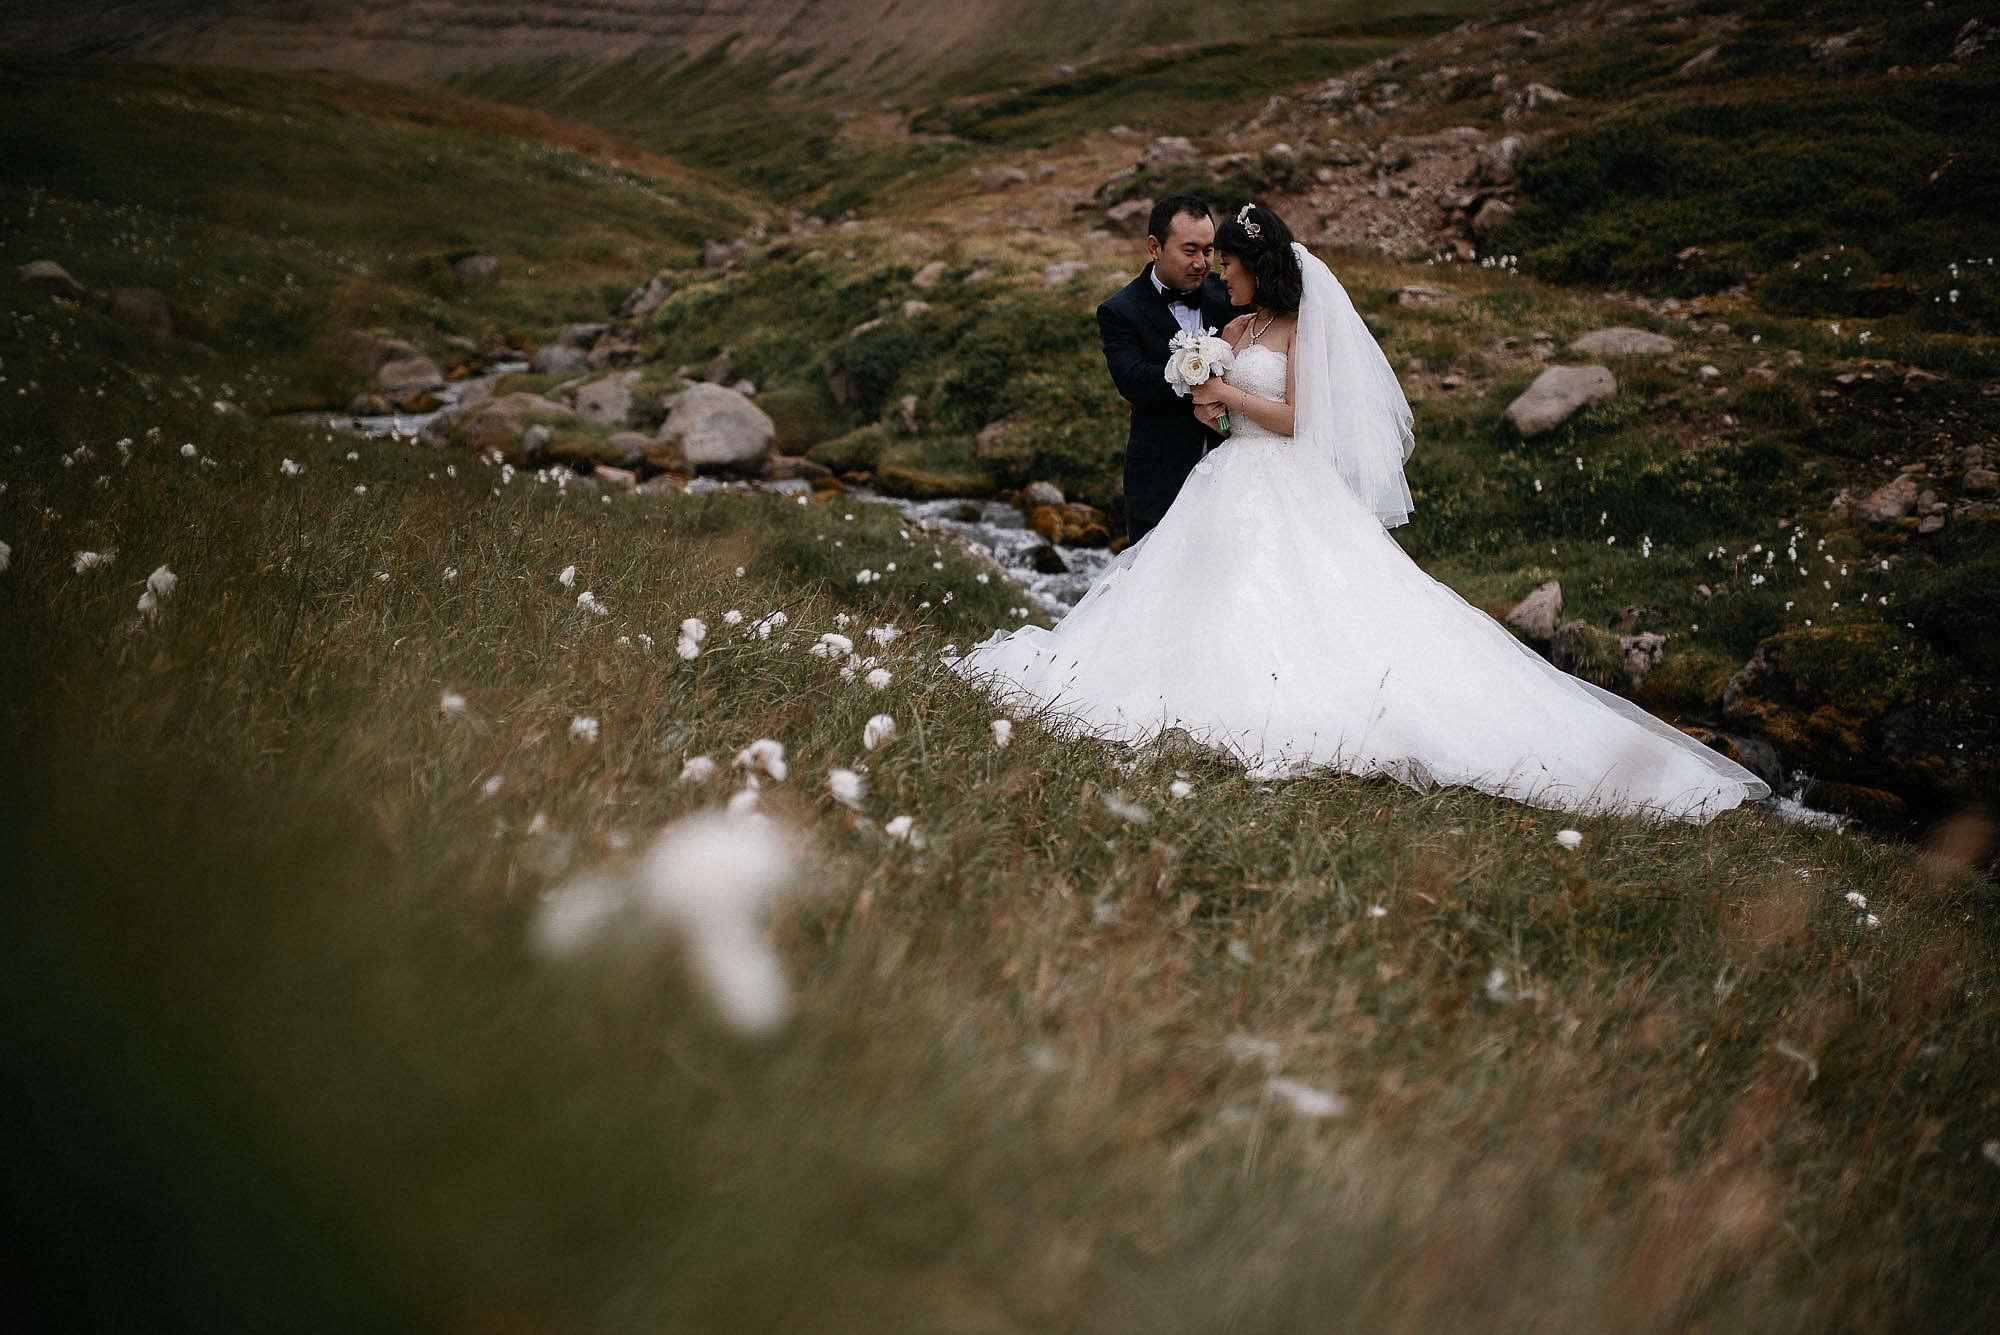 iceland-wedding-photographer_jere-satamo_photography-reykjavik-023.jpg